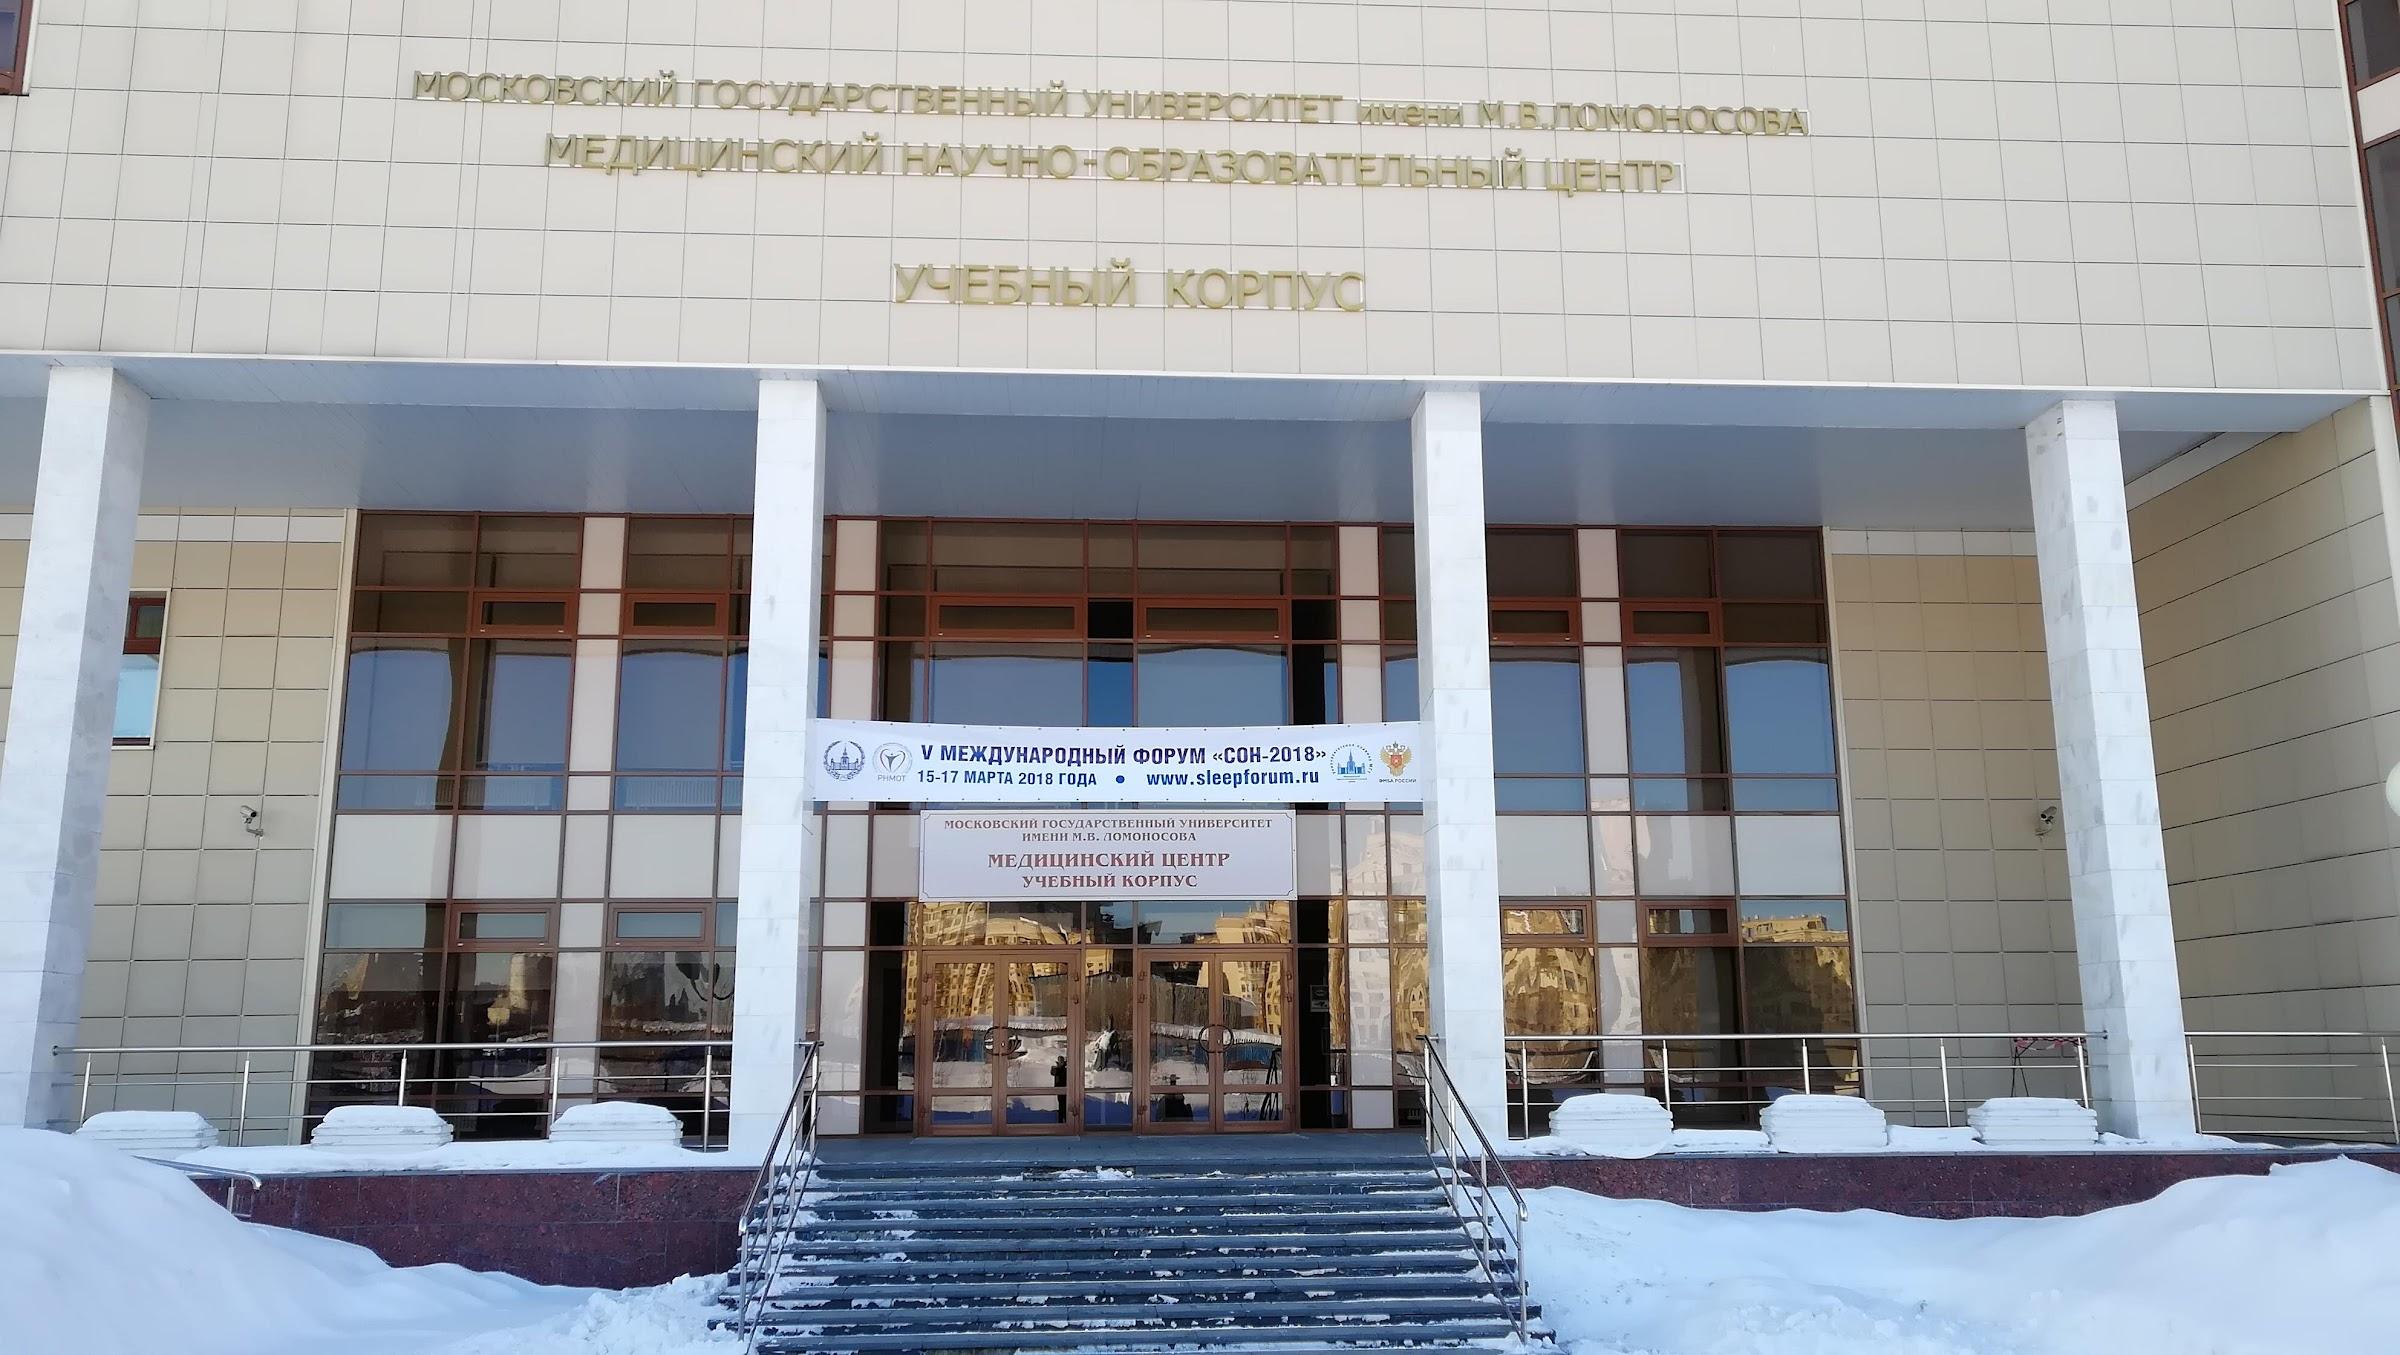 VI Международный Форум Сон-2019